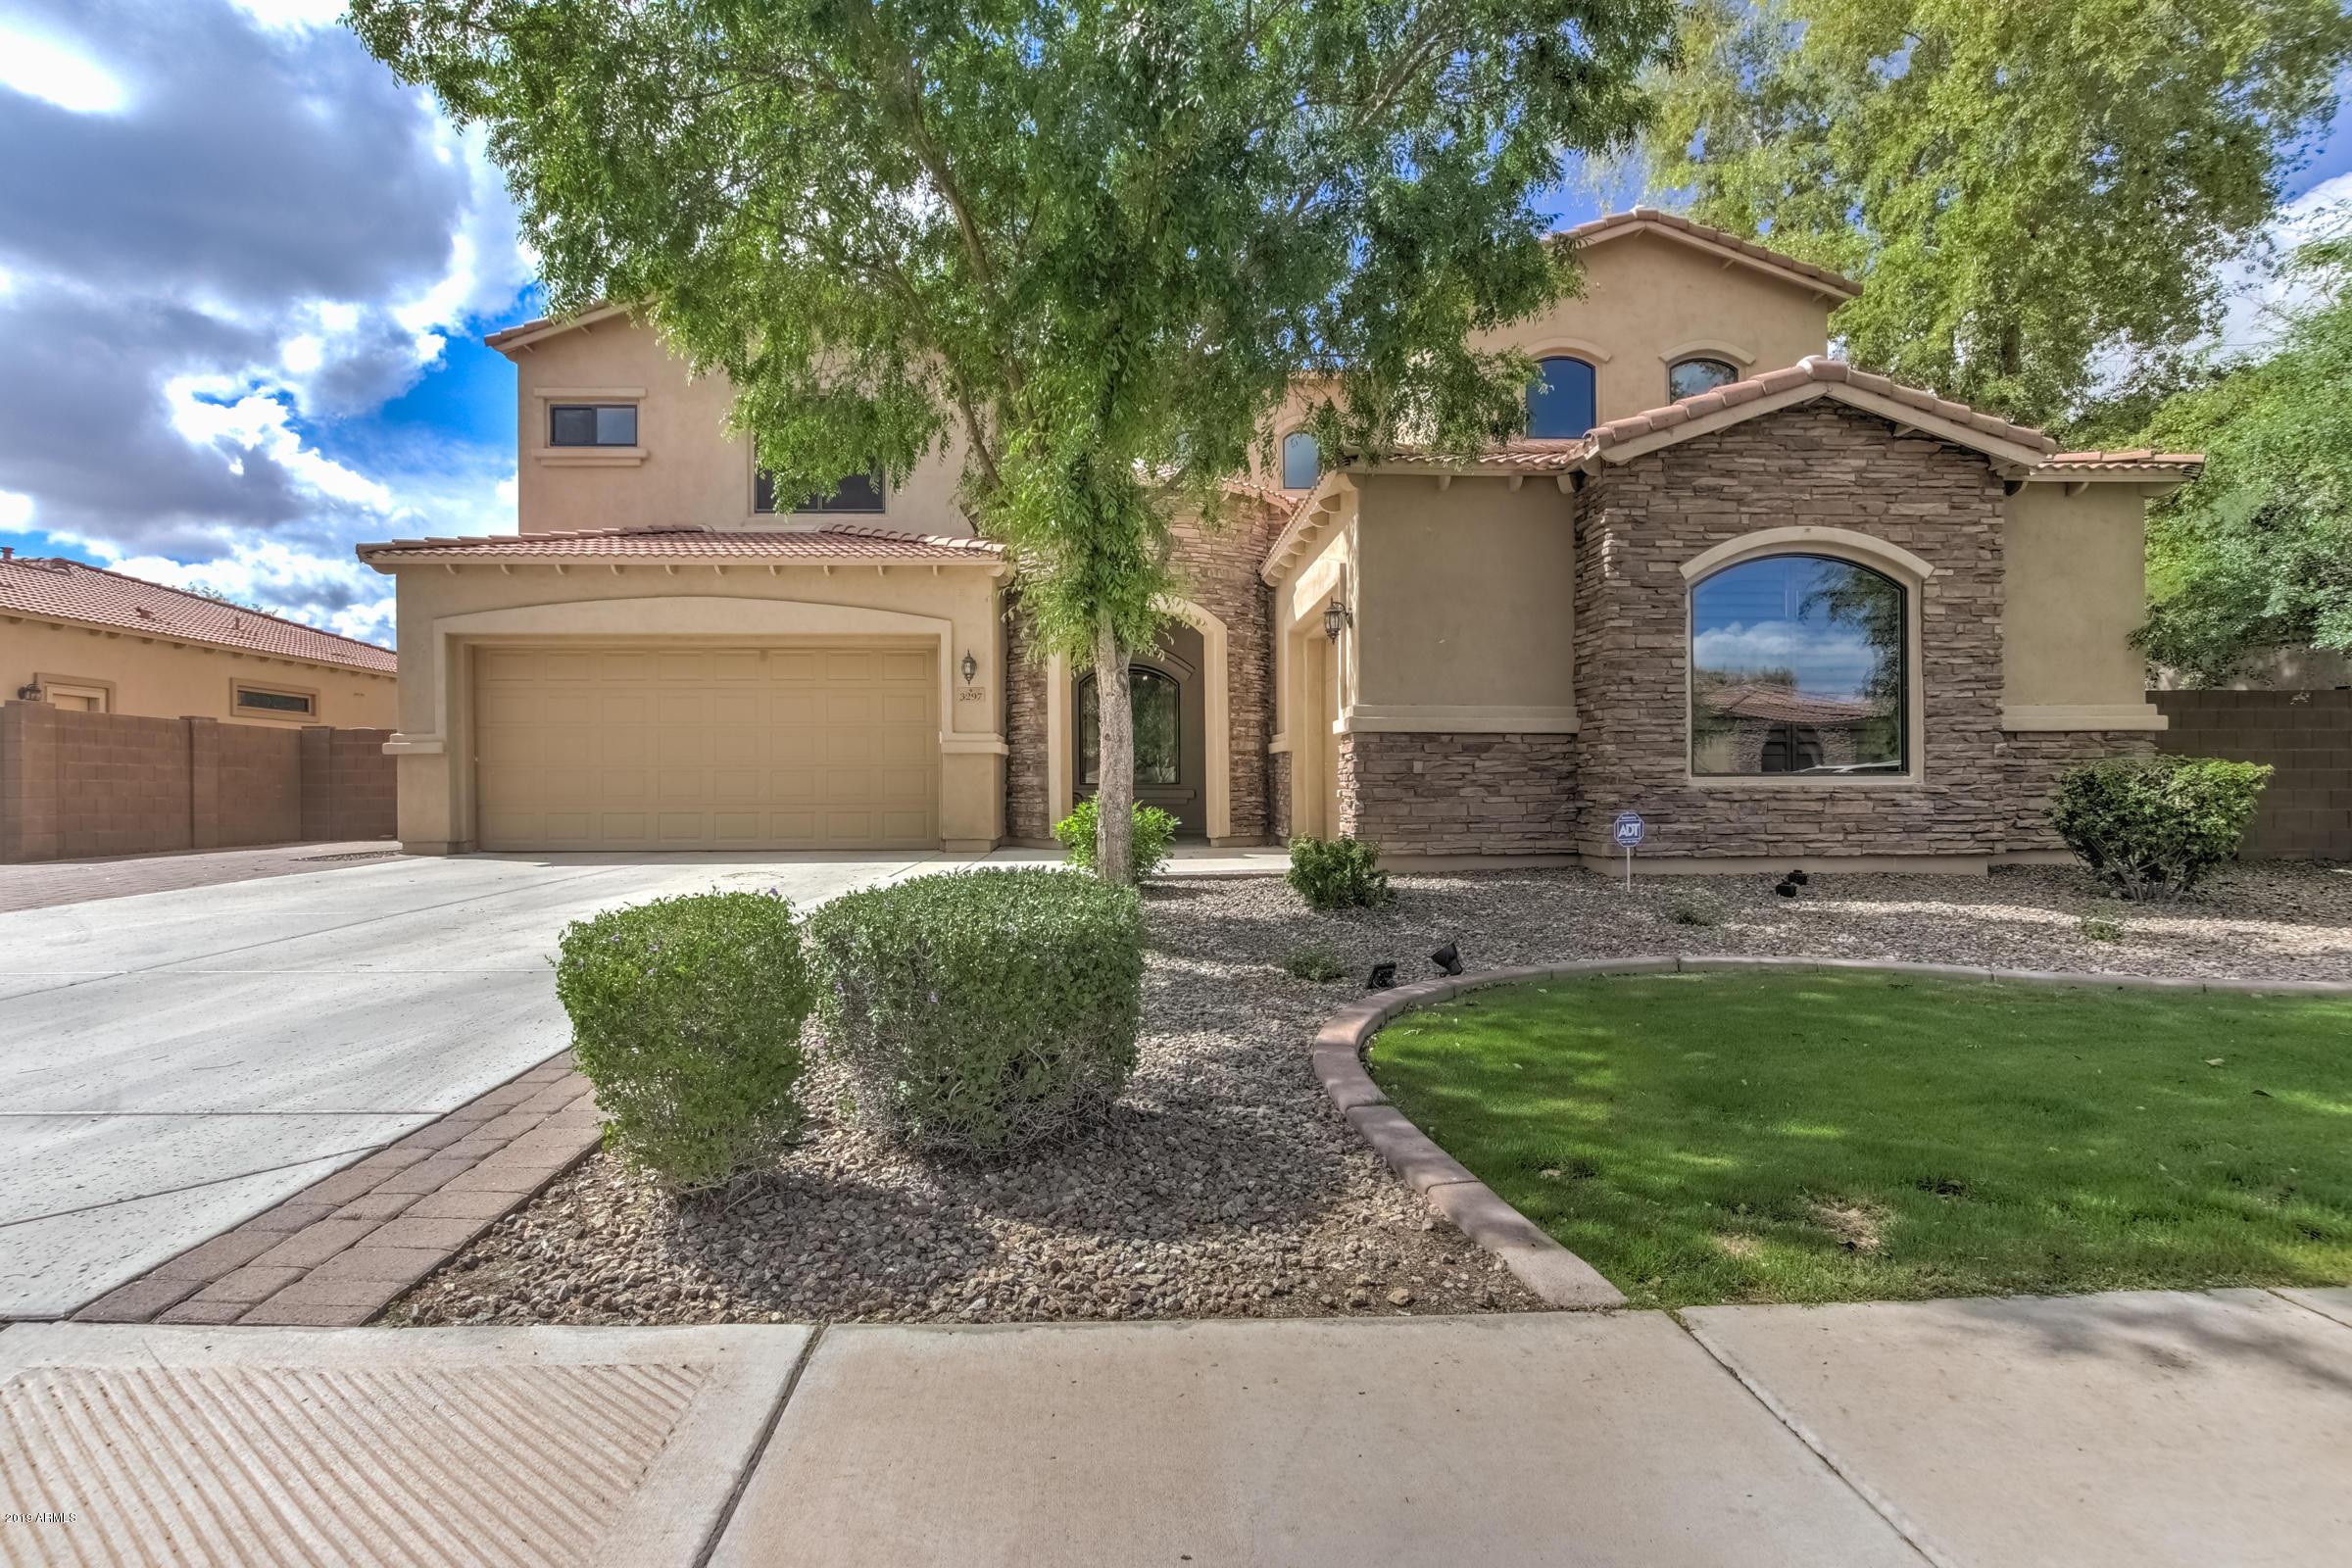 Photo of 3297 E BARTLETT Place, Chandler, AZ 85249